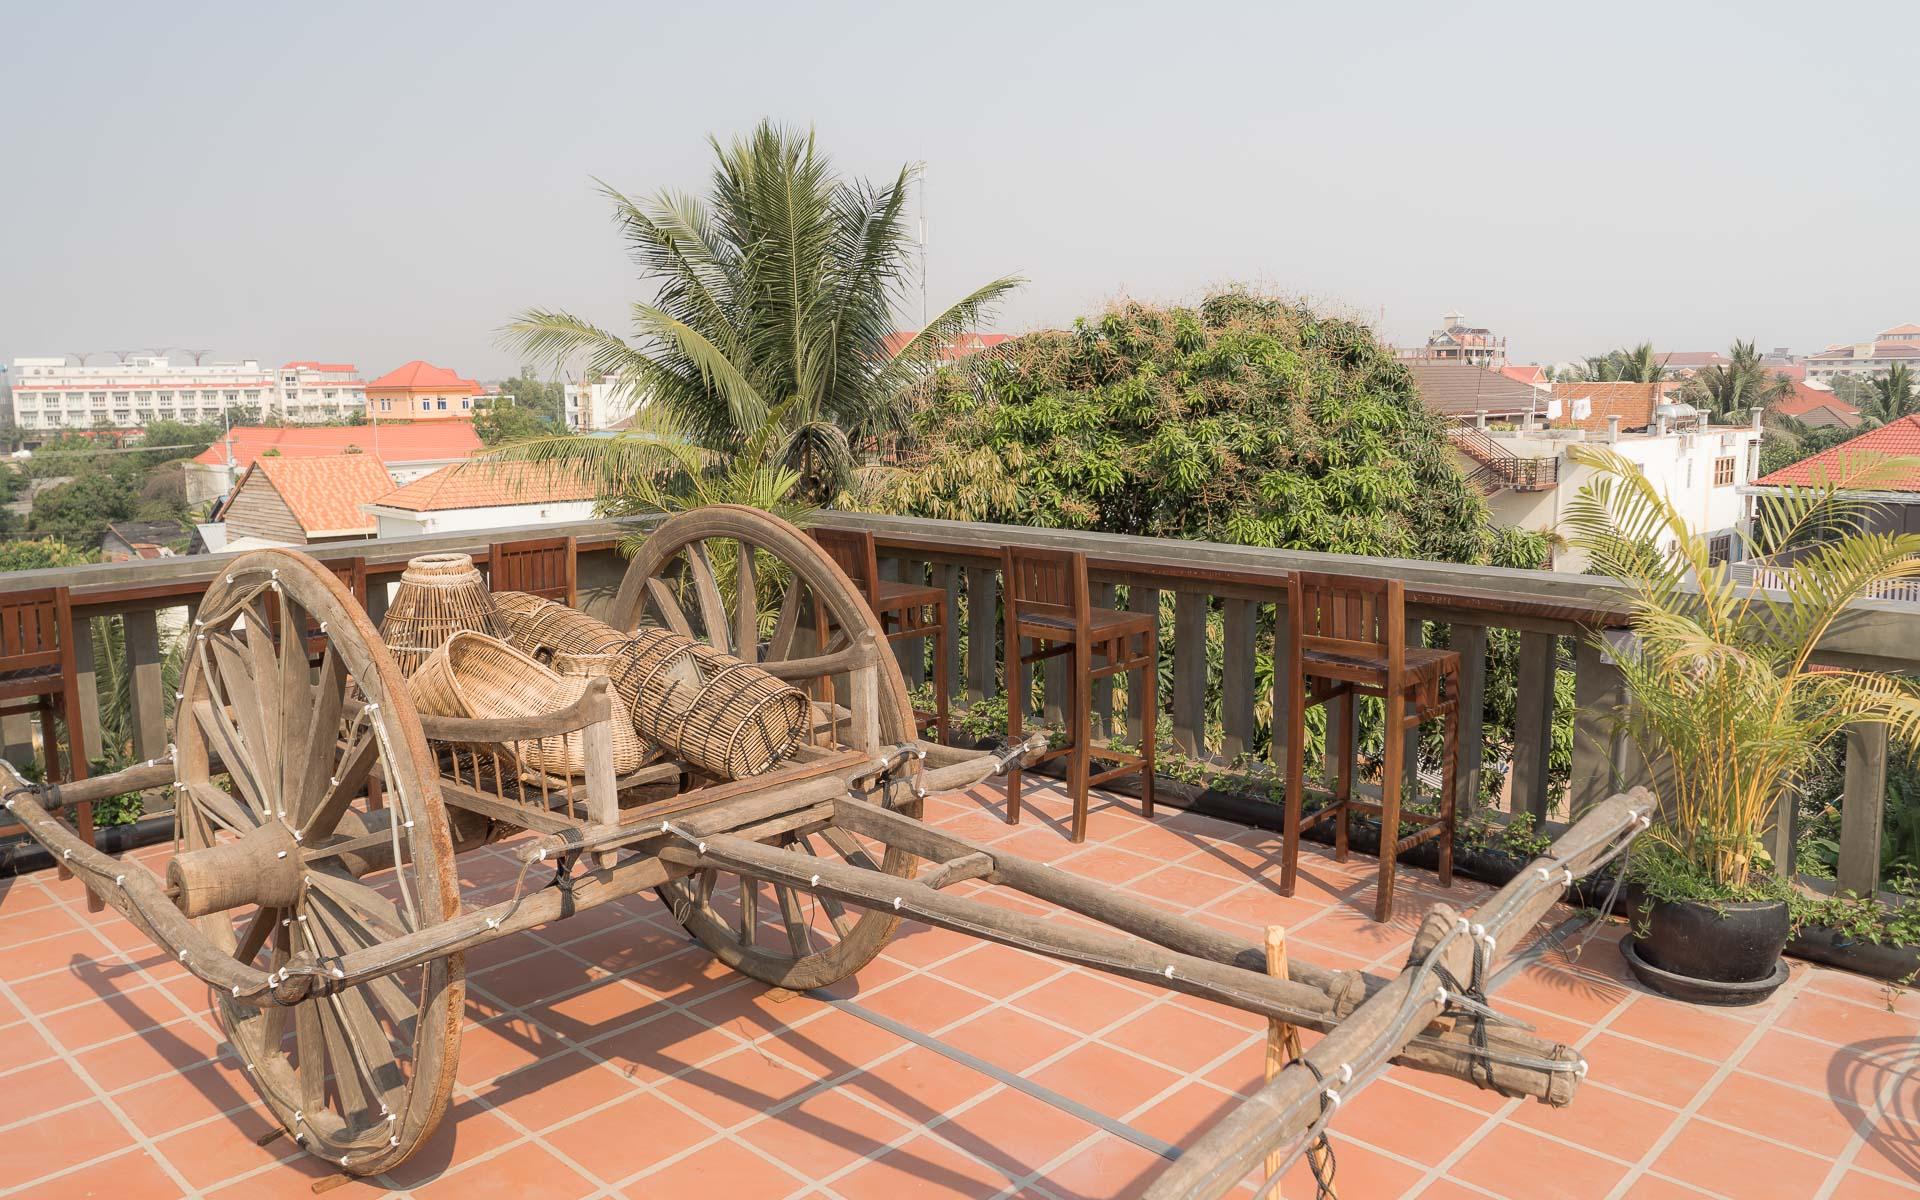 Lesvoyageuses-guide-voyage-siem-reap-angkor-cambodge-won-residence-6